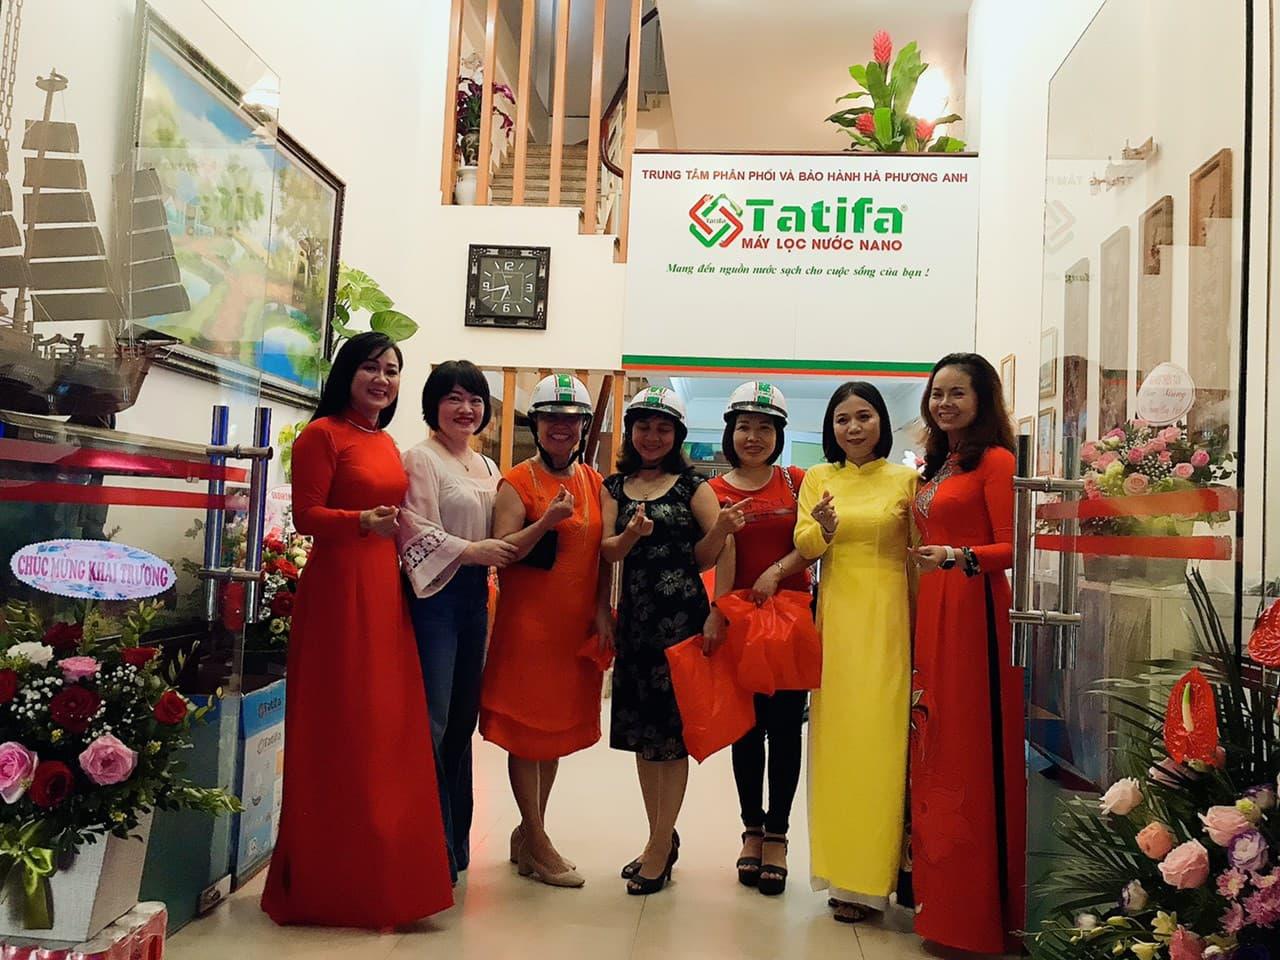 Thương hiệu máy lọc nước Nano Tatifa khai trương nhà phân phối đầu tiên tại phía Bắc 8